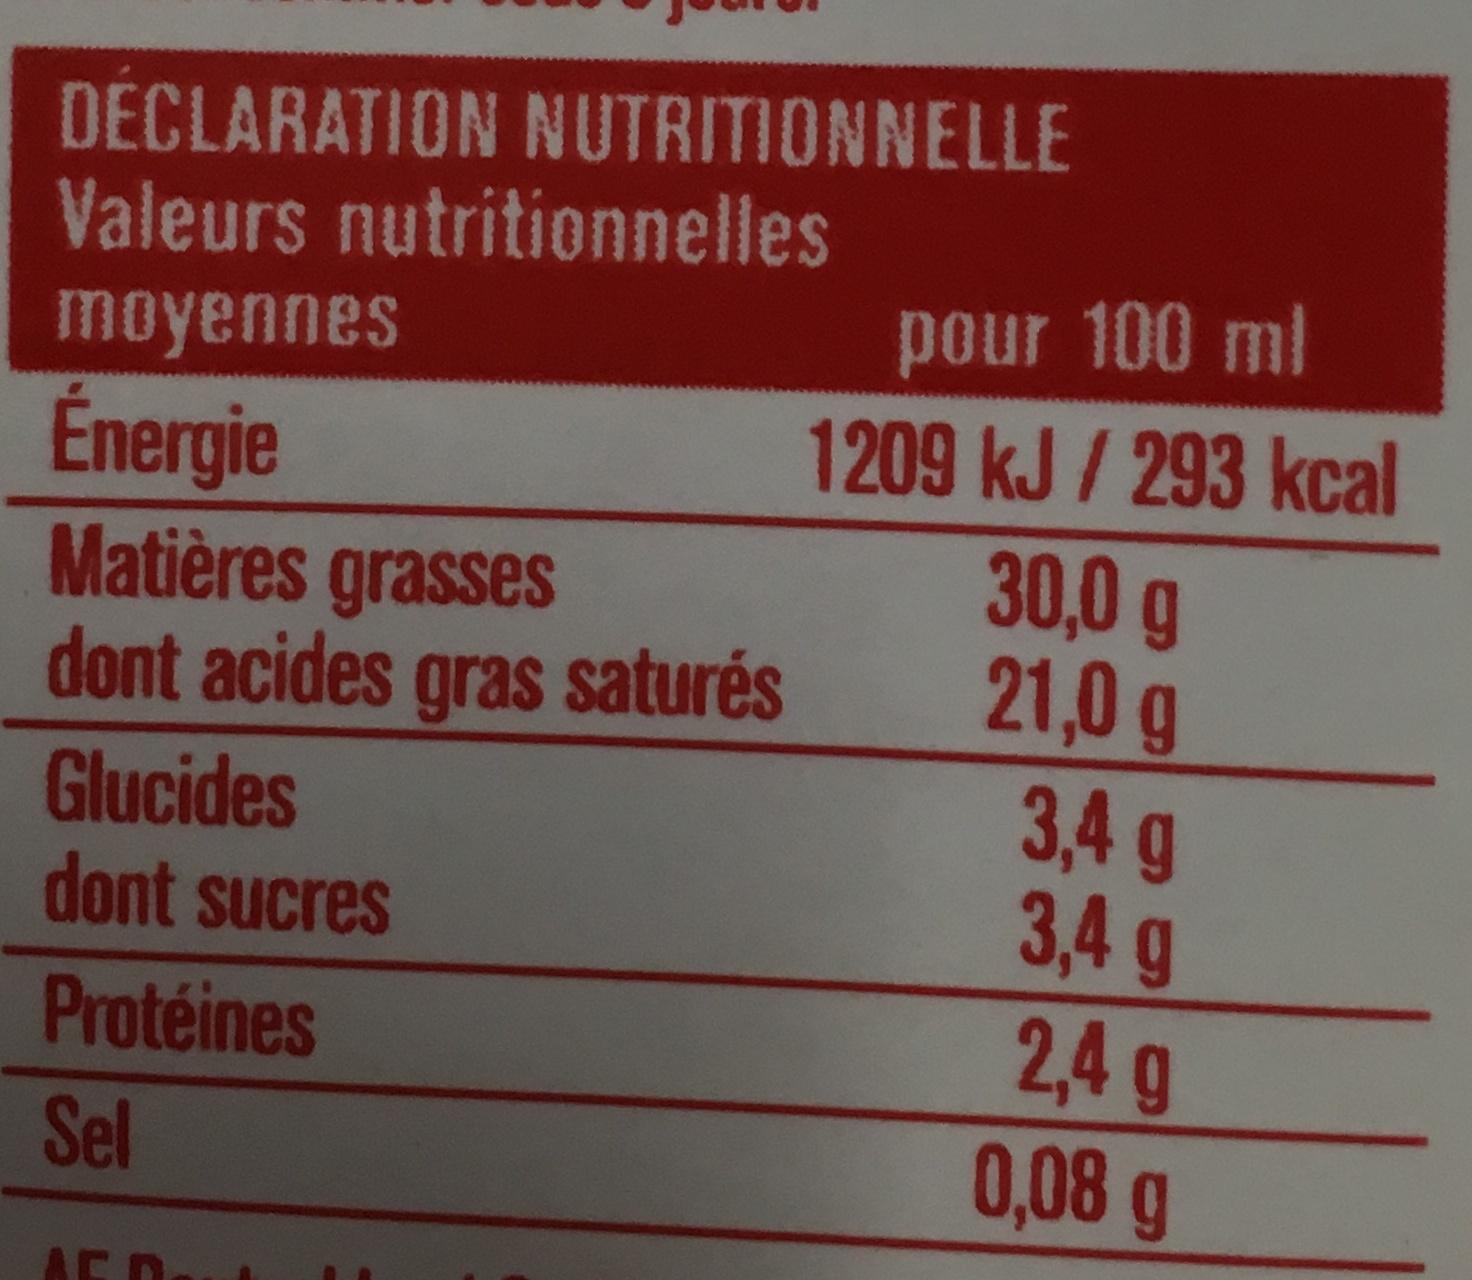 Crème À fouetter - Voedingswaarden - fr